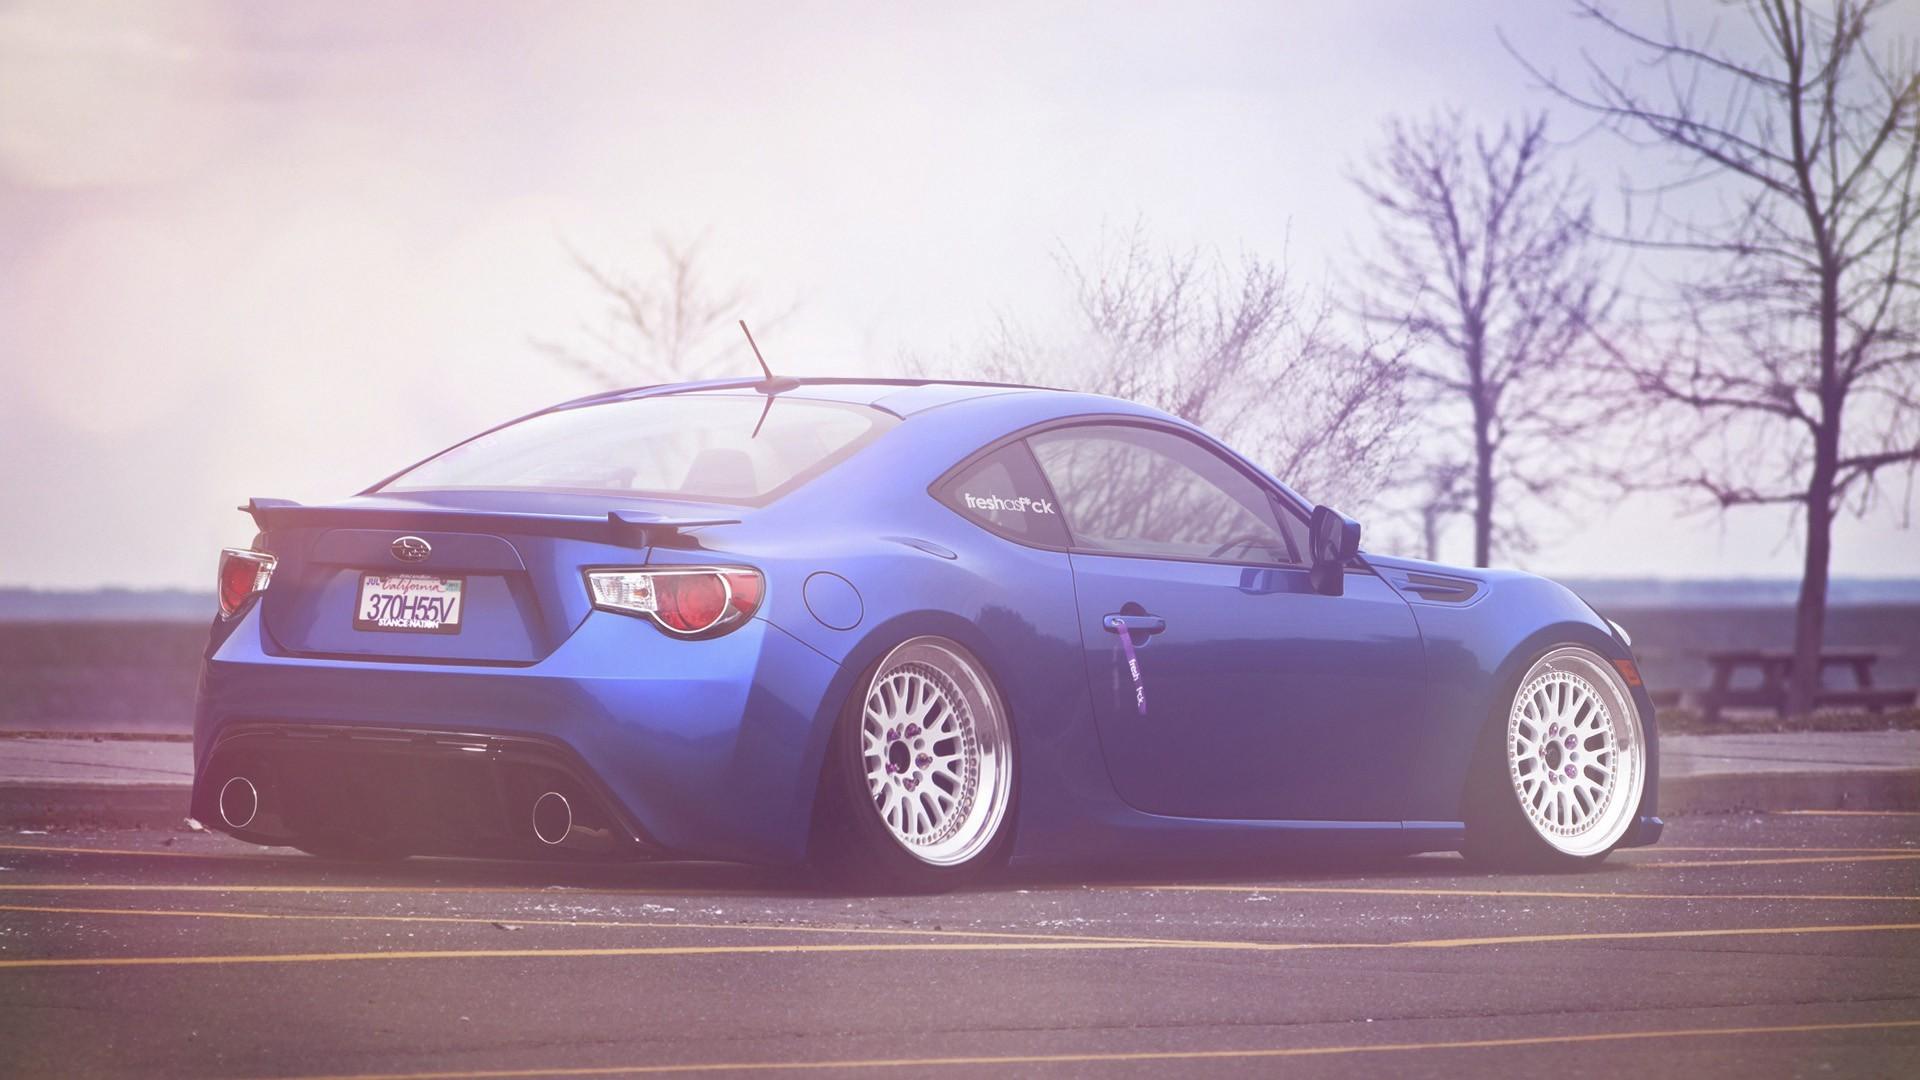 Mazda Furai Vehículos Supercars Hd Fondos De Pantalla: Fondos De Pantalla : Vehículo, Azul, Coche Deportivo